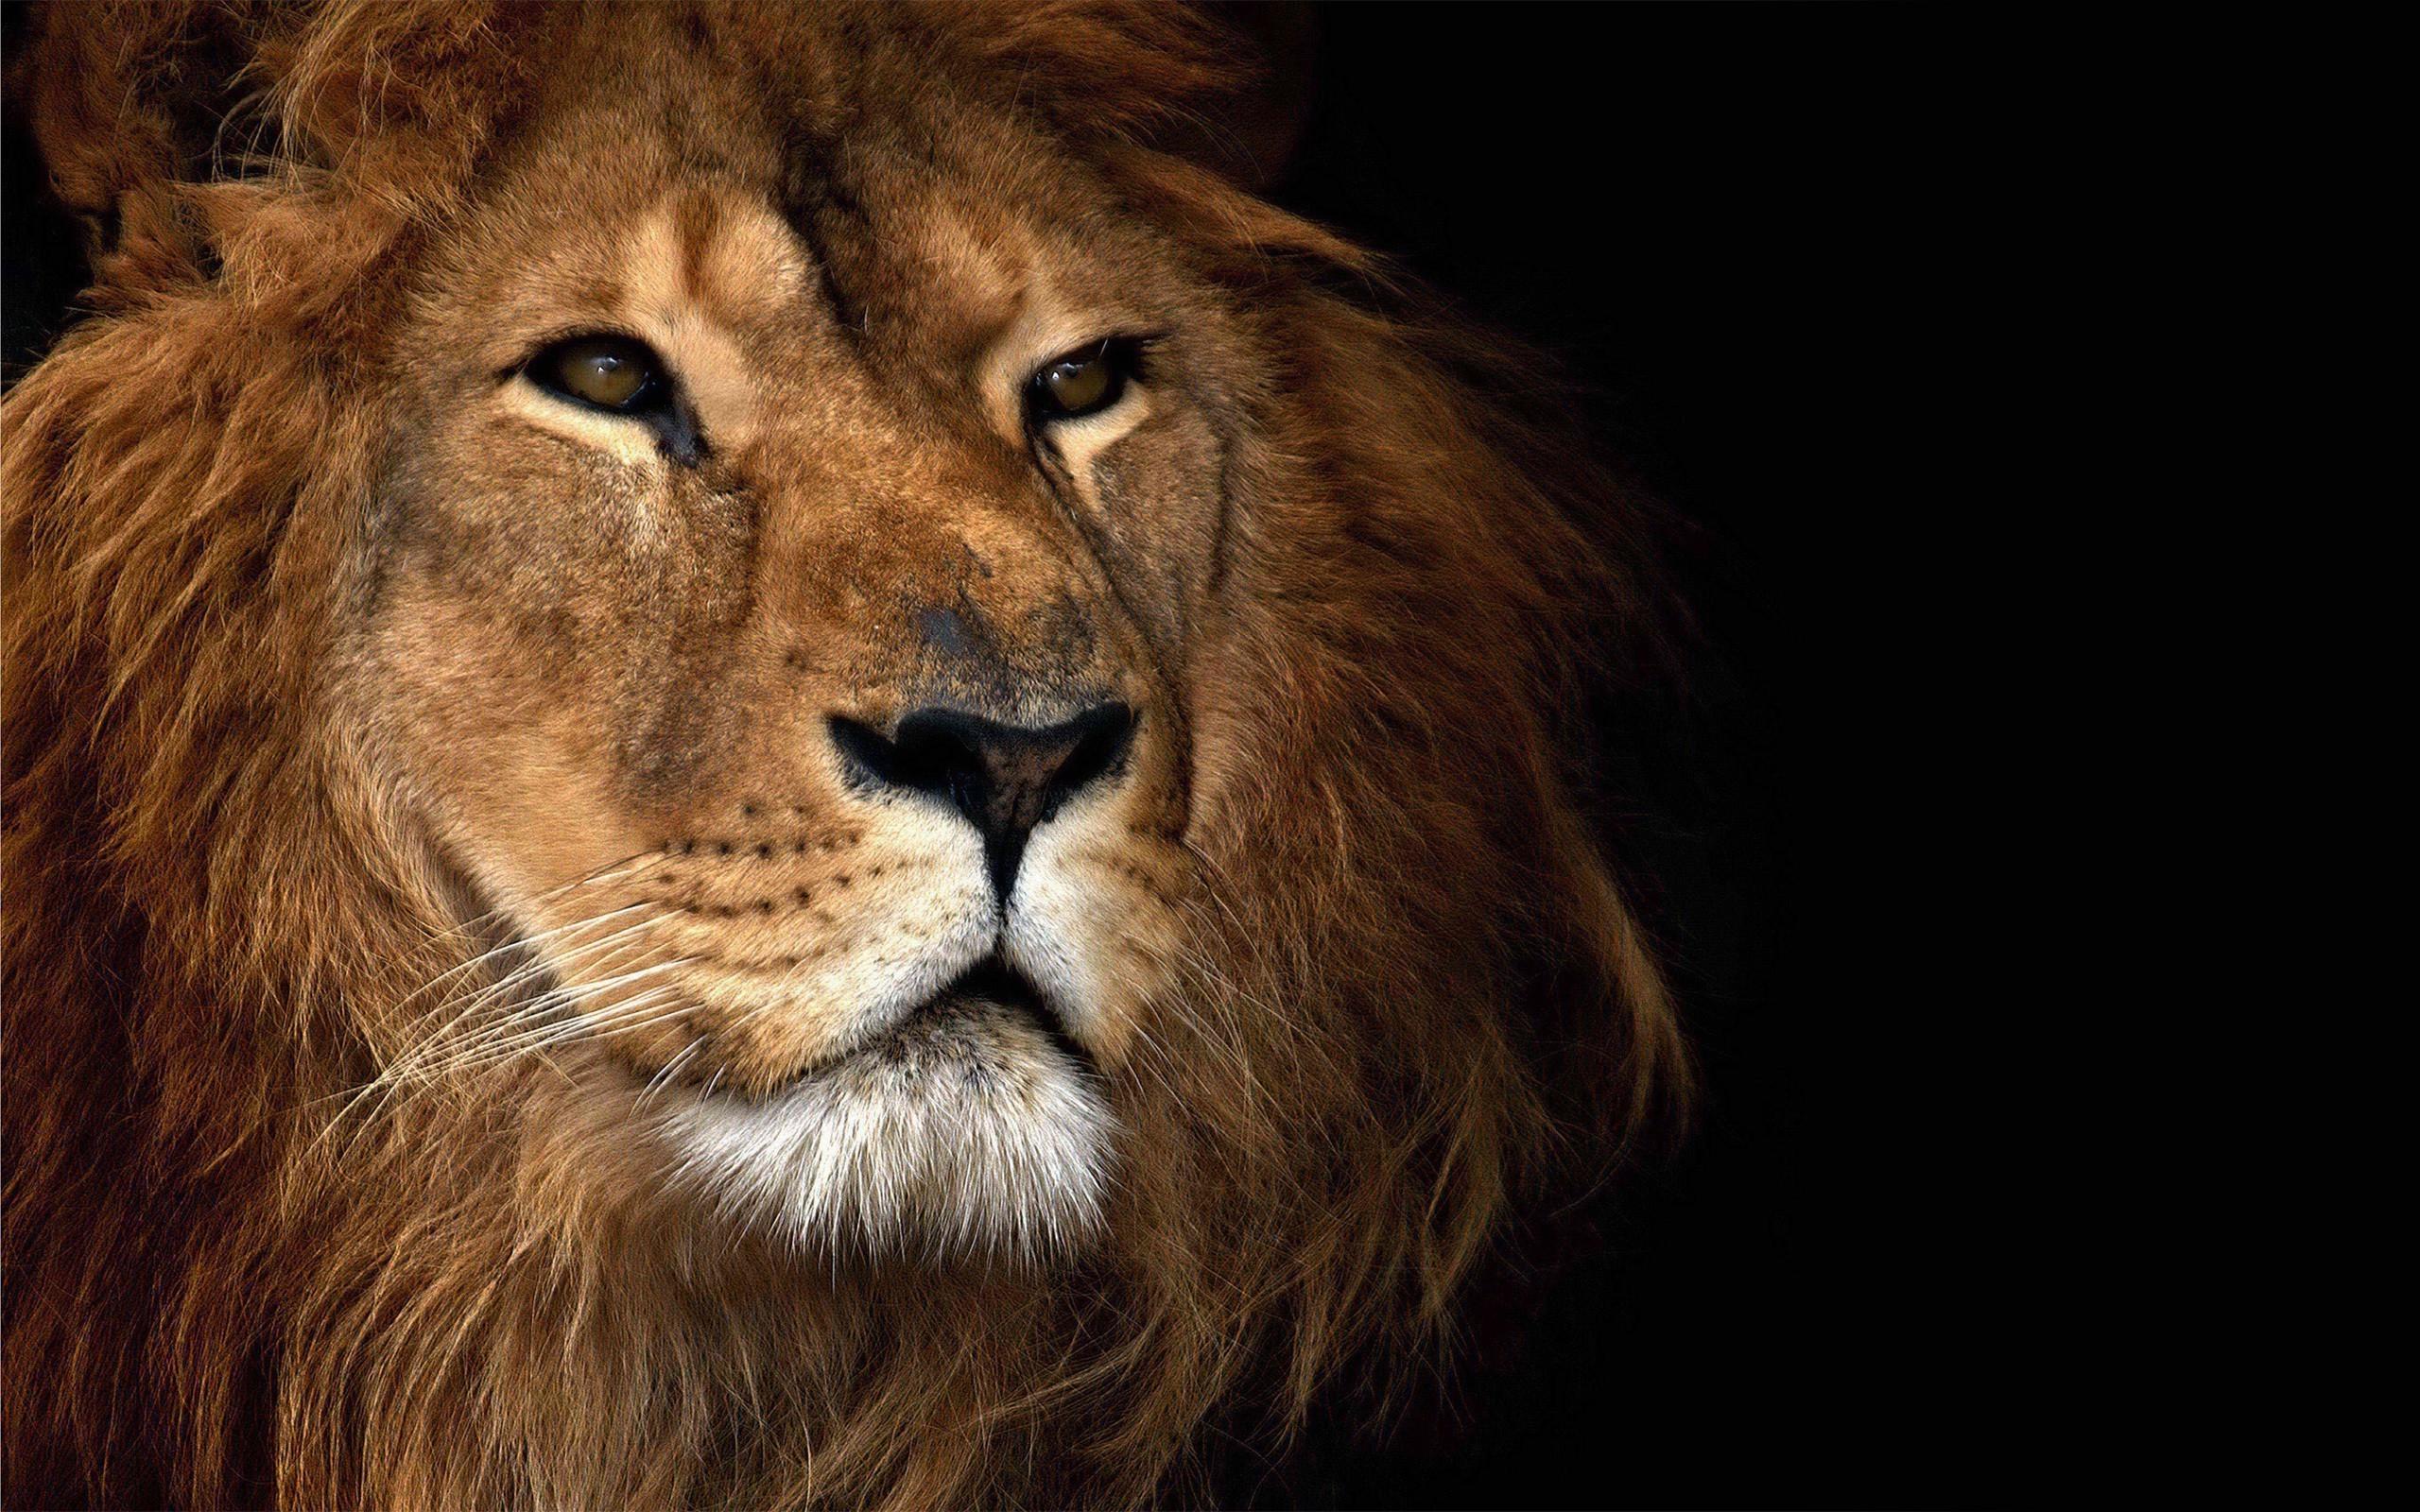 прелюбодеяние, там картинки для скачивания львы умеешь